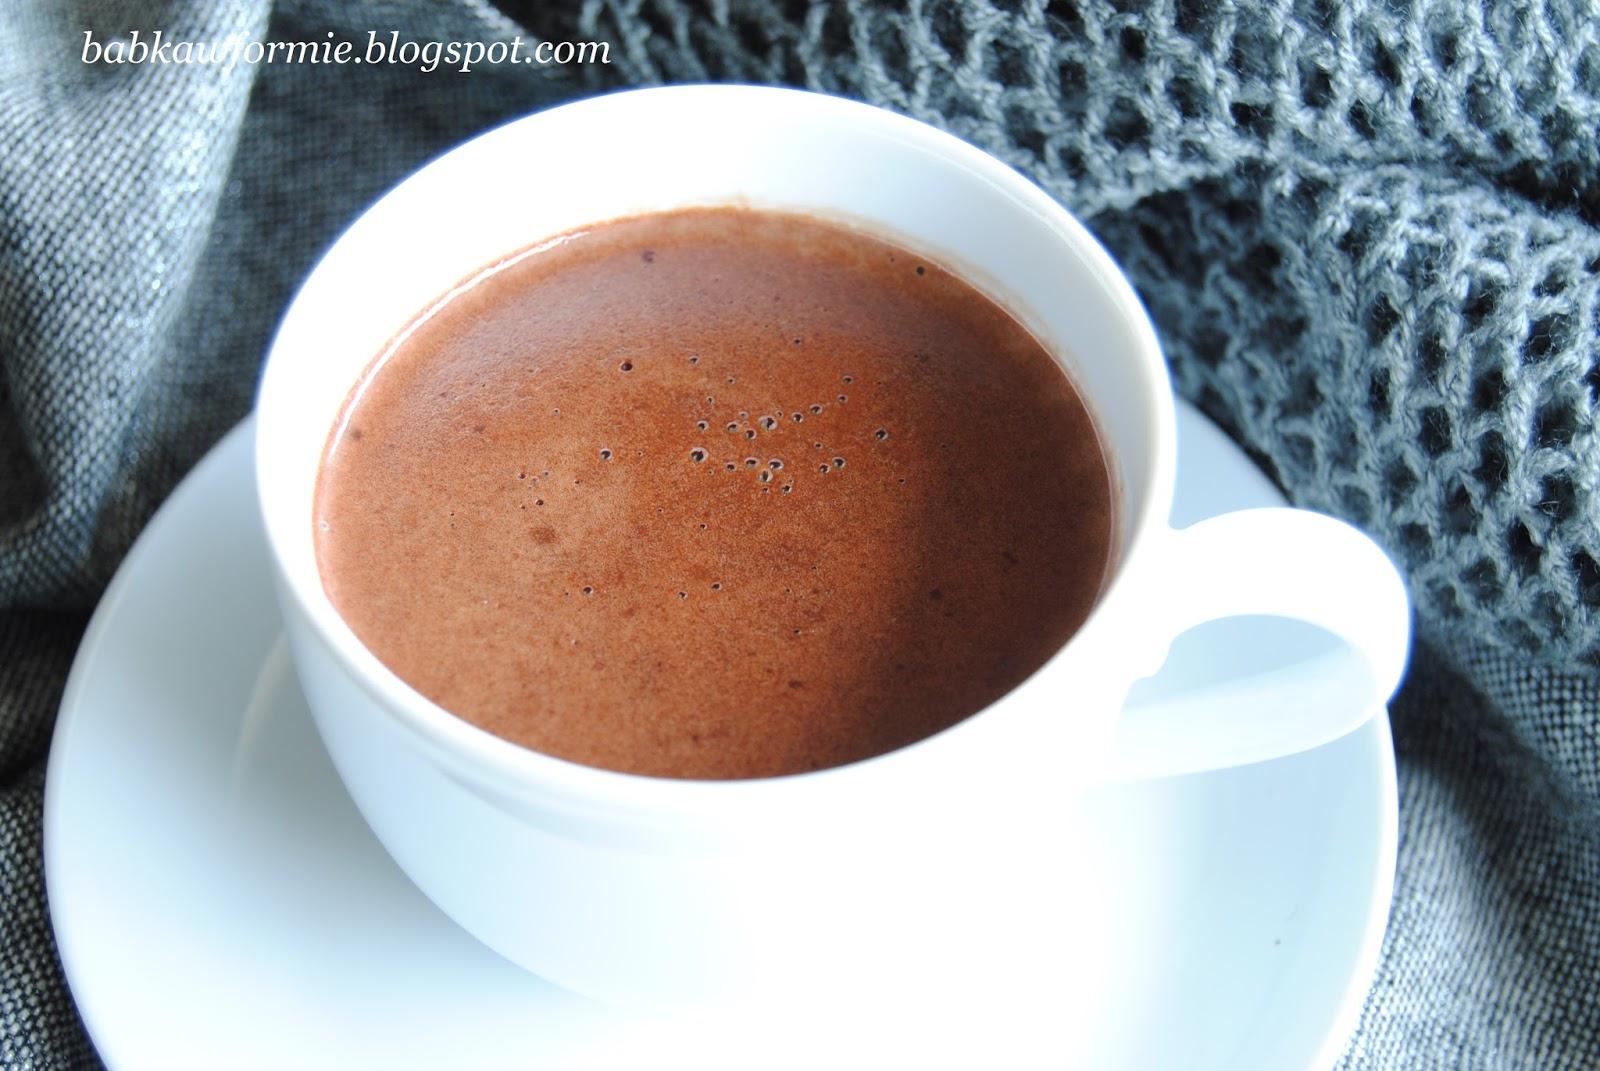 czekolada na gorąco do picia najlepszy przepis babkawformie.blogspot.com